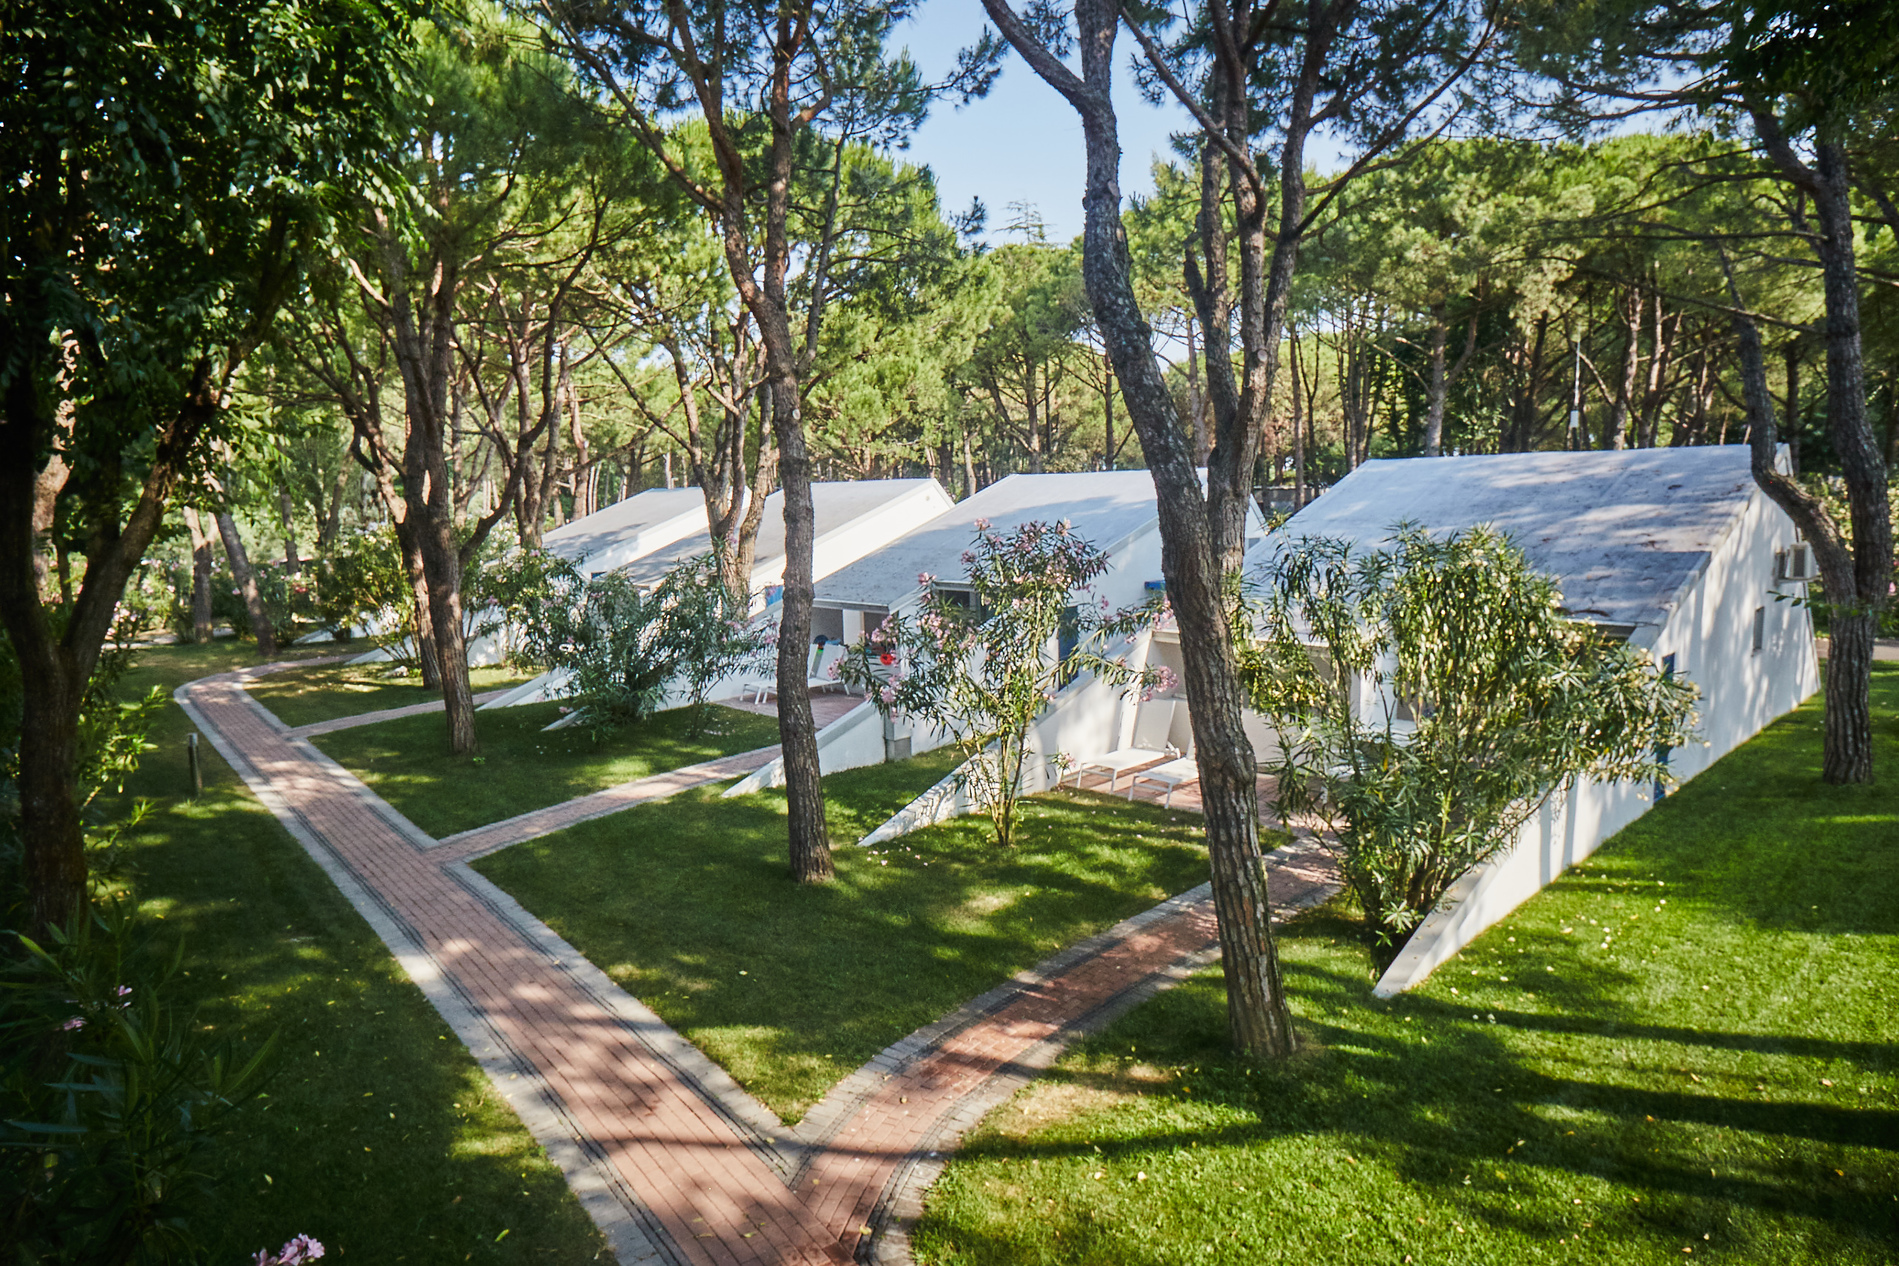 camping village dei fiori veneto itali anwb camping. Black Bedroom Furniture Sets. Home Design Ideas